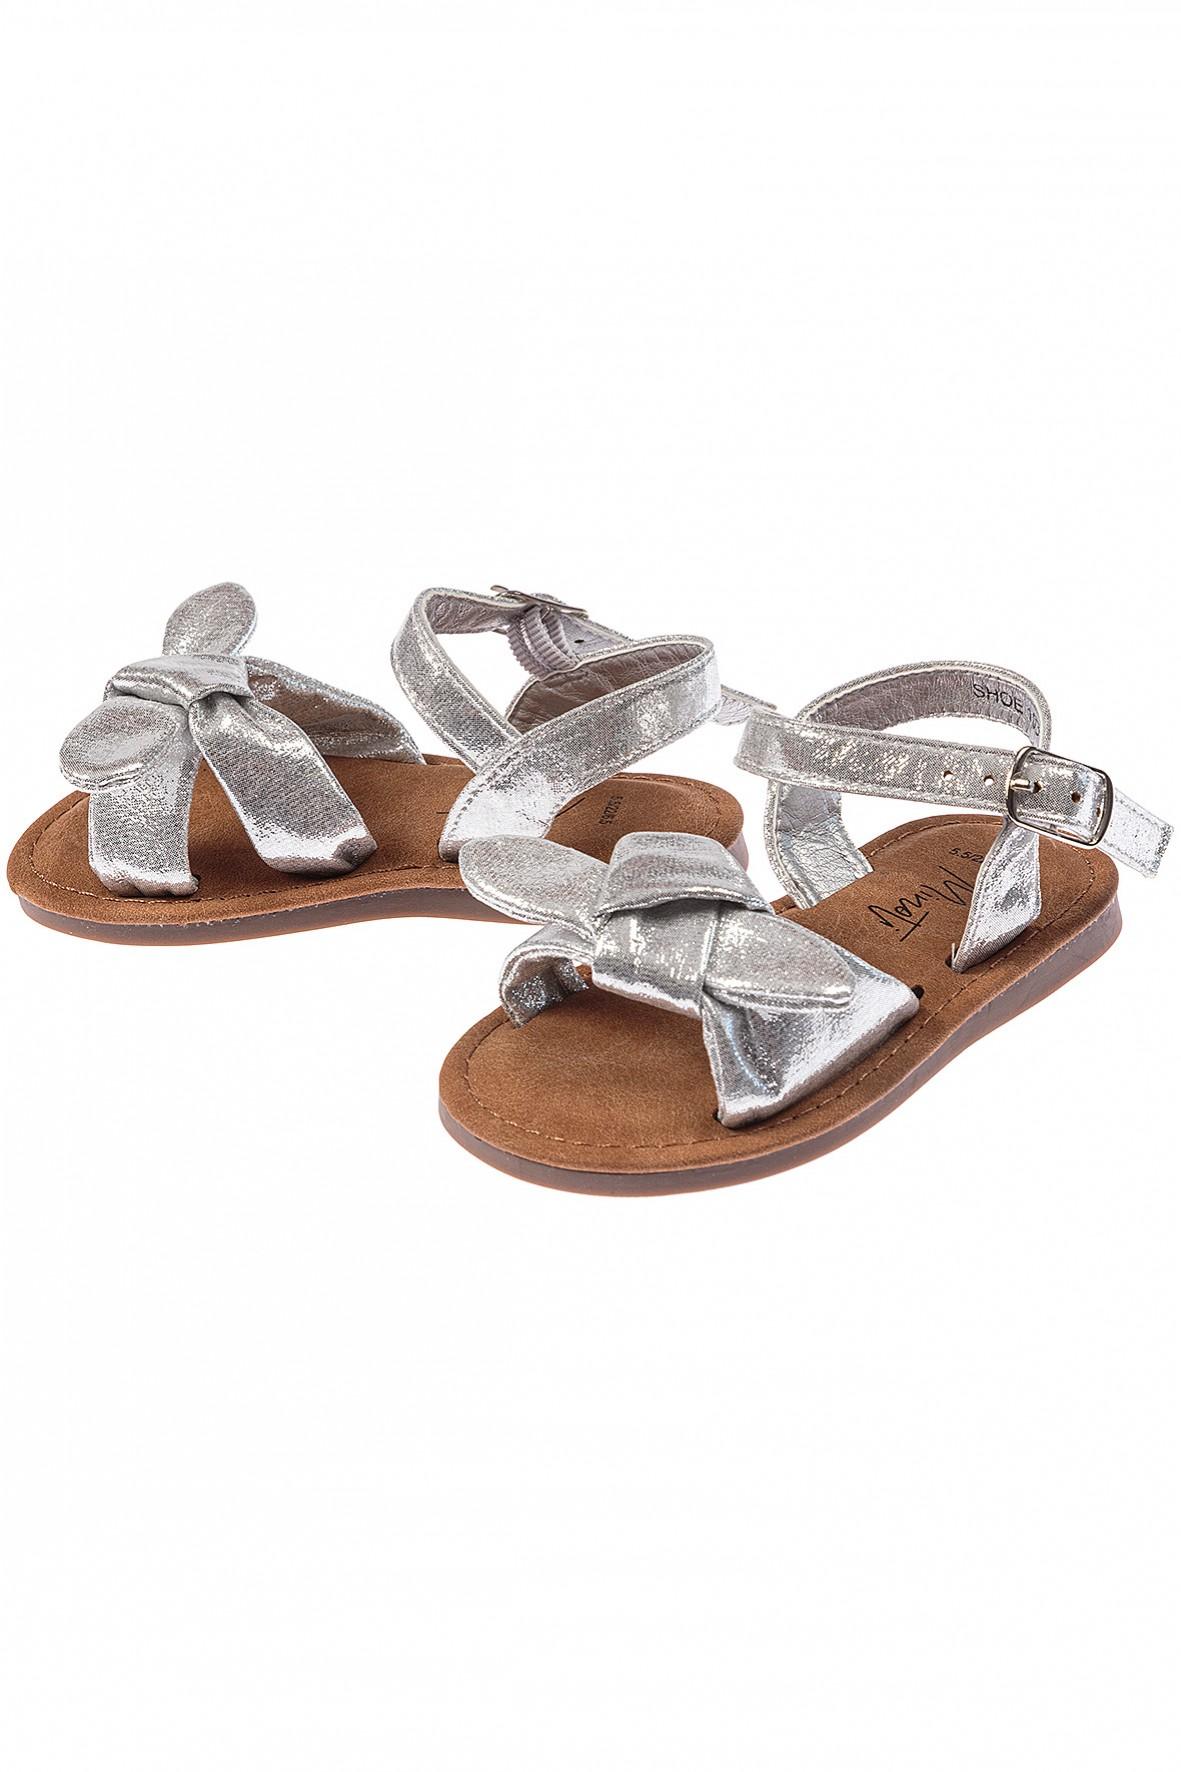 Sandały dziewczęce srebrne z kokardkami